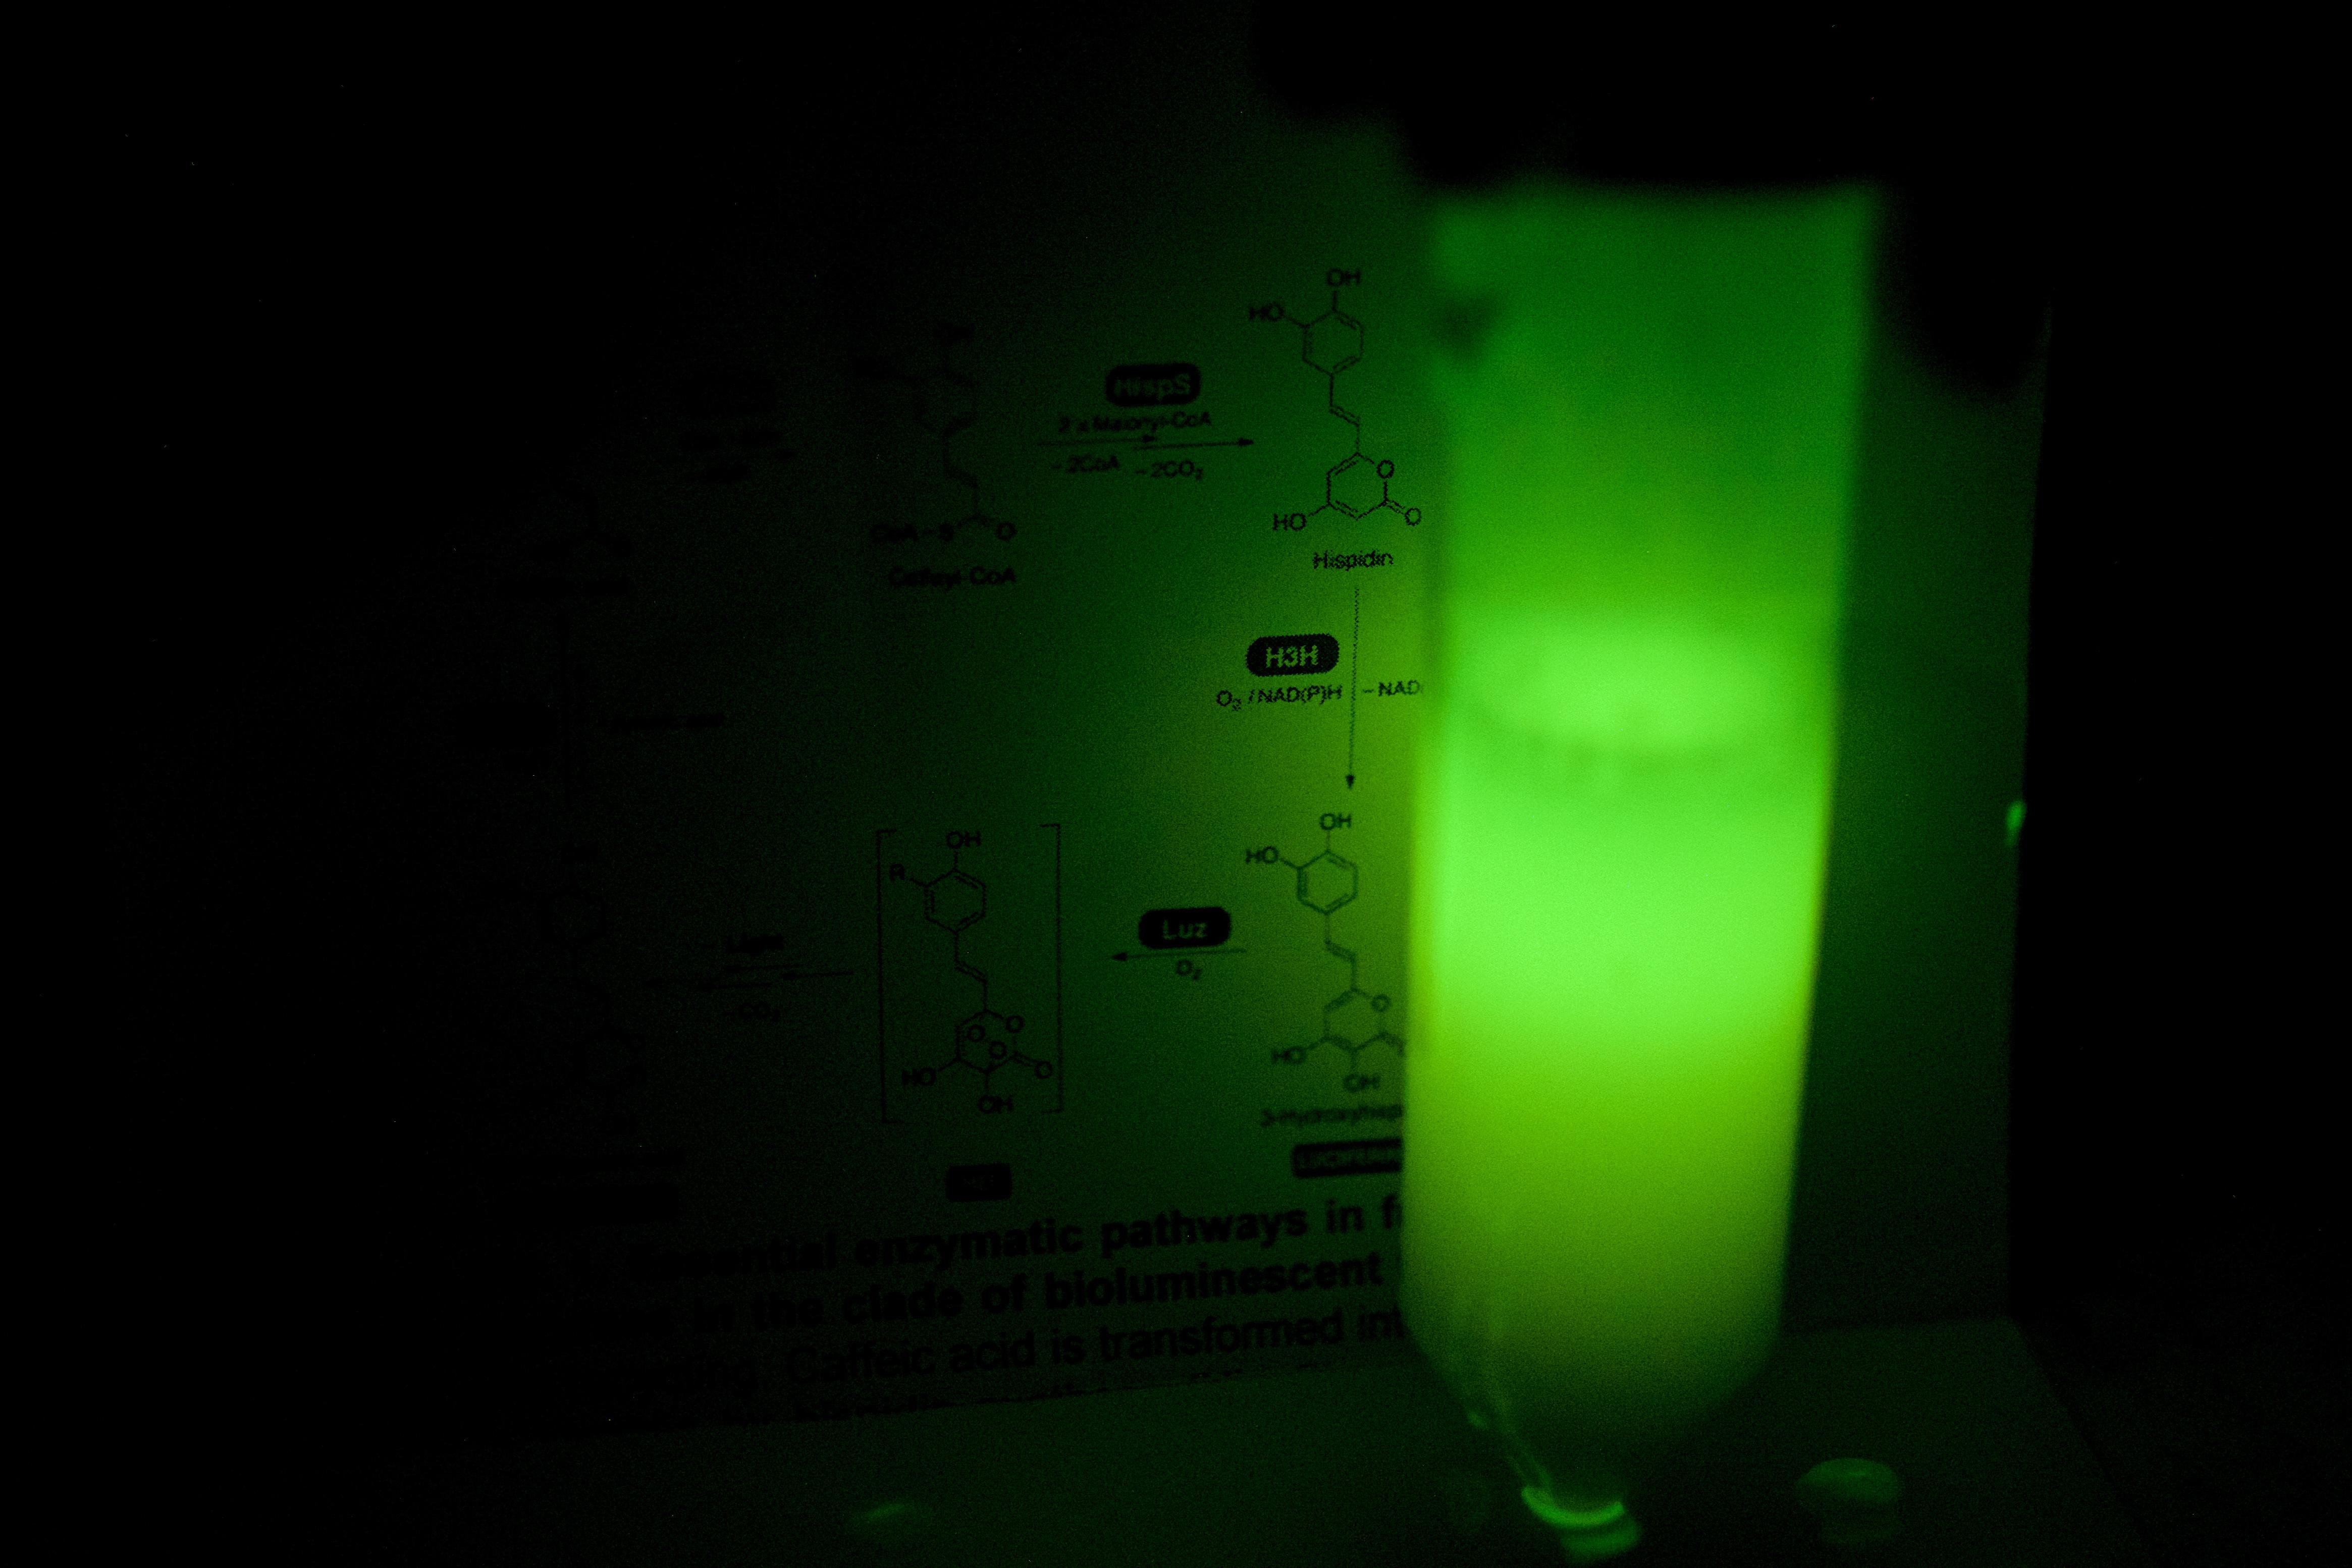 El sistema bioluminiscente de un hongo puede dotar de luz a animales y plantas